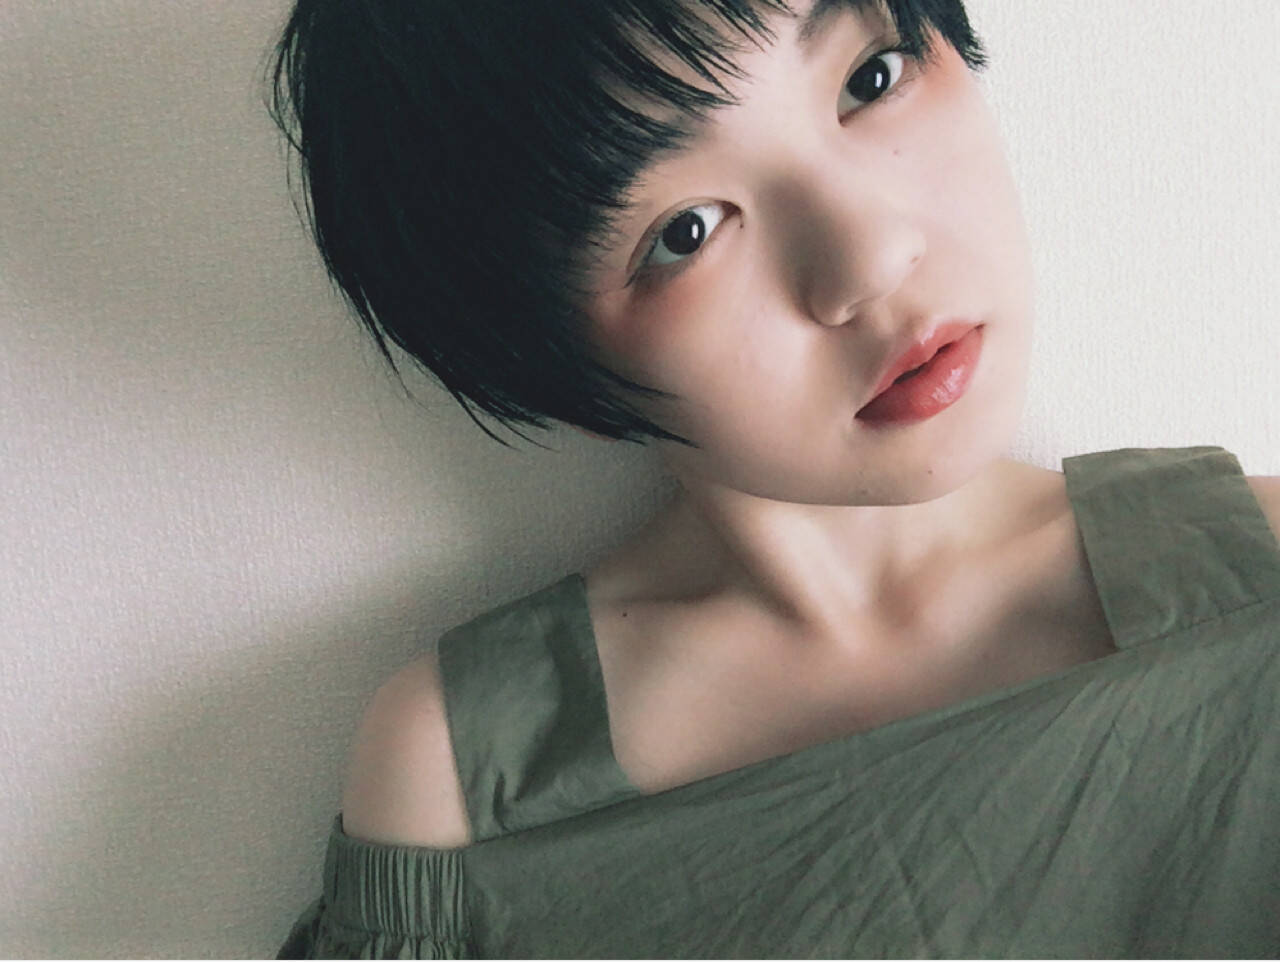 ヘアアレンジ 黒髪 ベリーショート ショートヘアスタイルや髪型の写真・画像